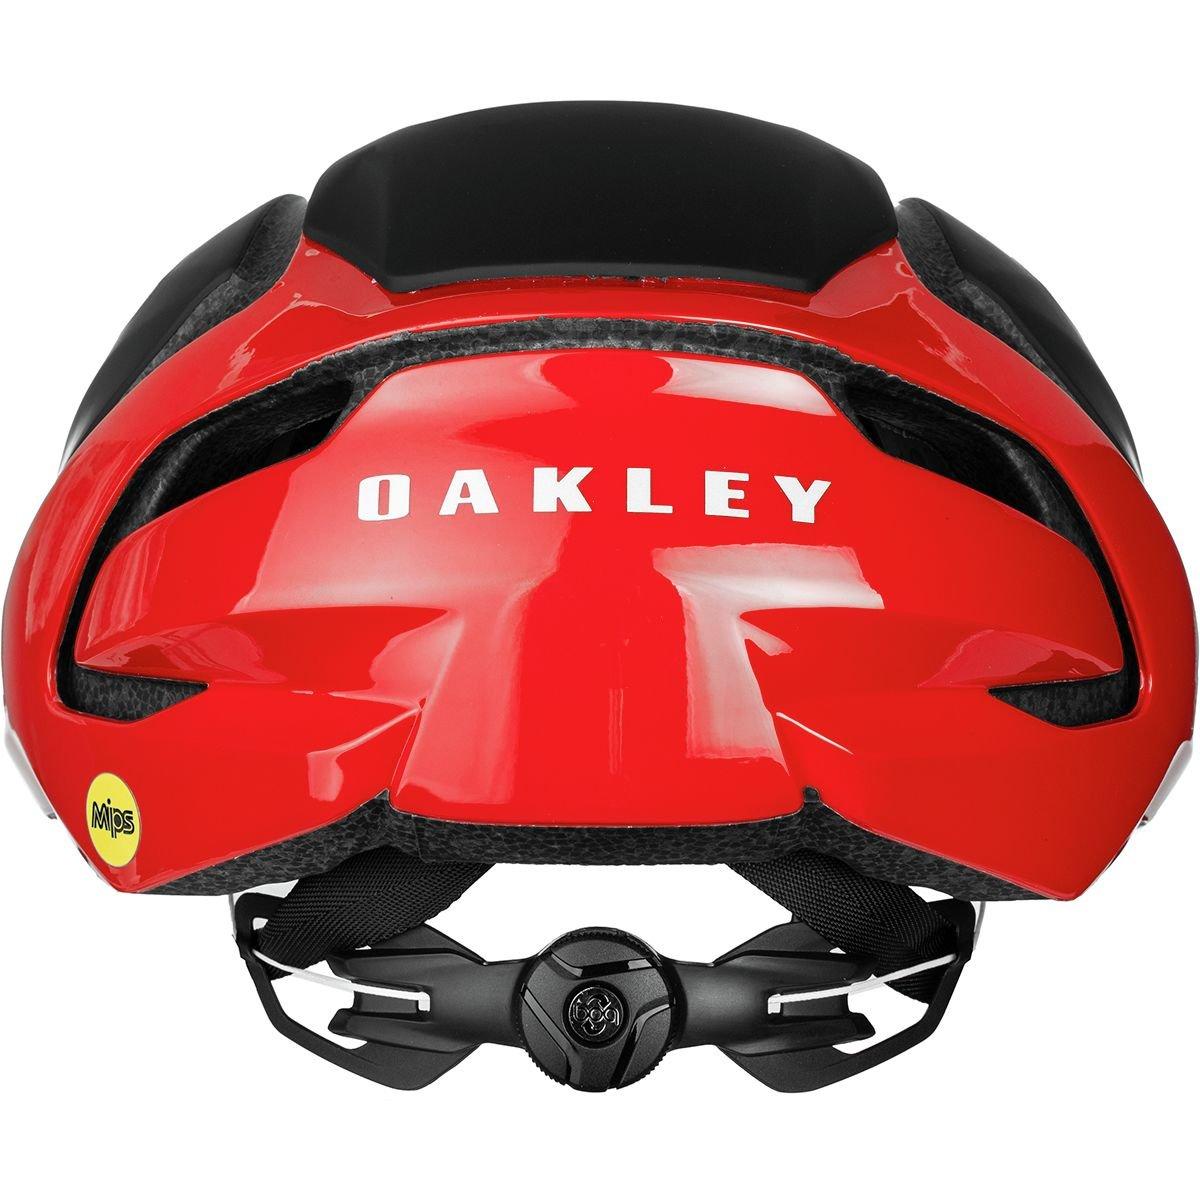 Oakley aro 5 Helmet, Oakley, rojo, Medium: Amazon.es: Deportes y aire libre